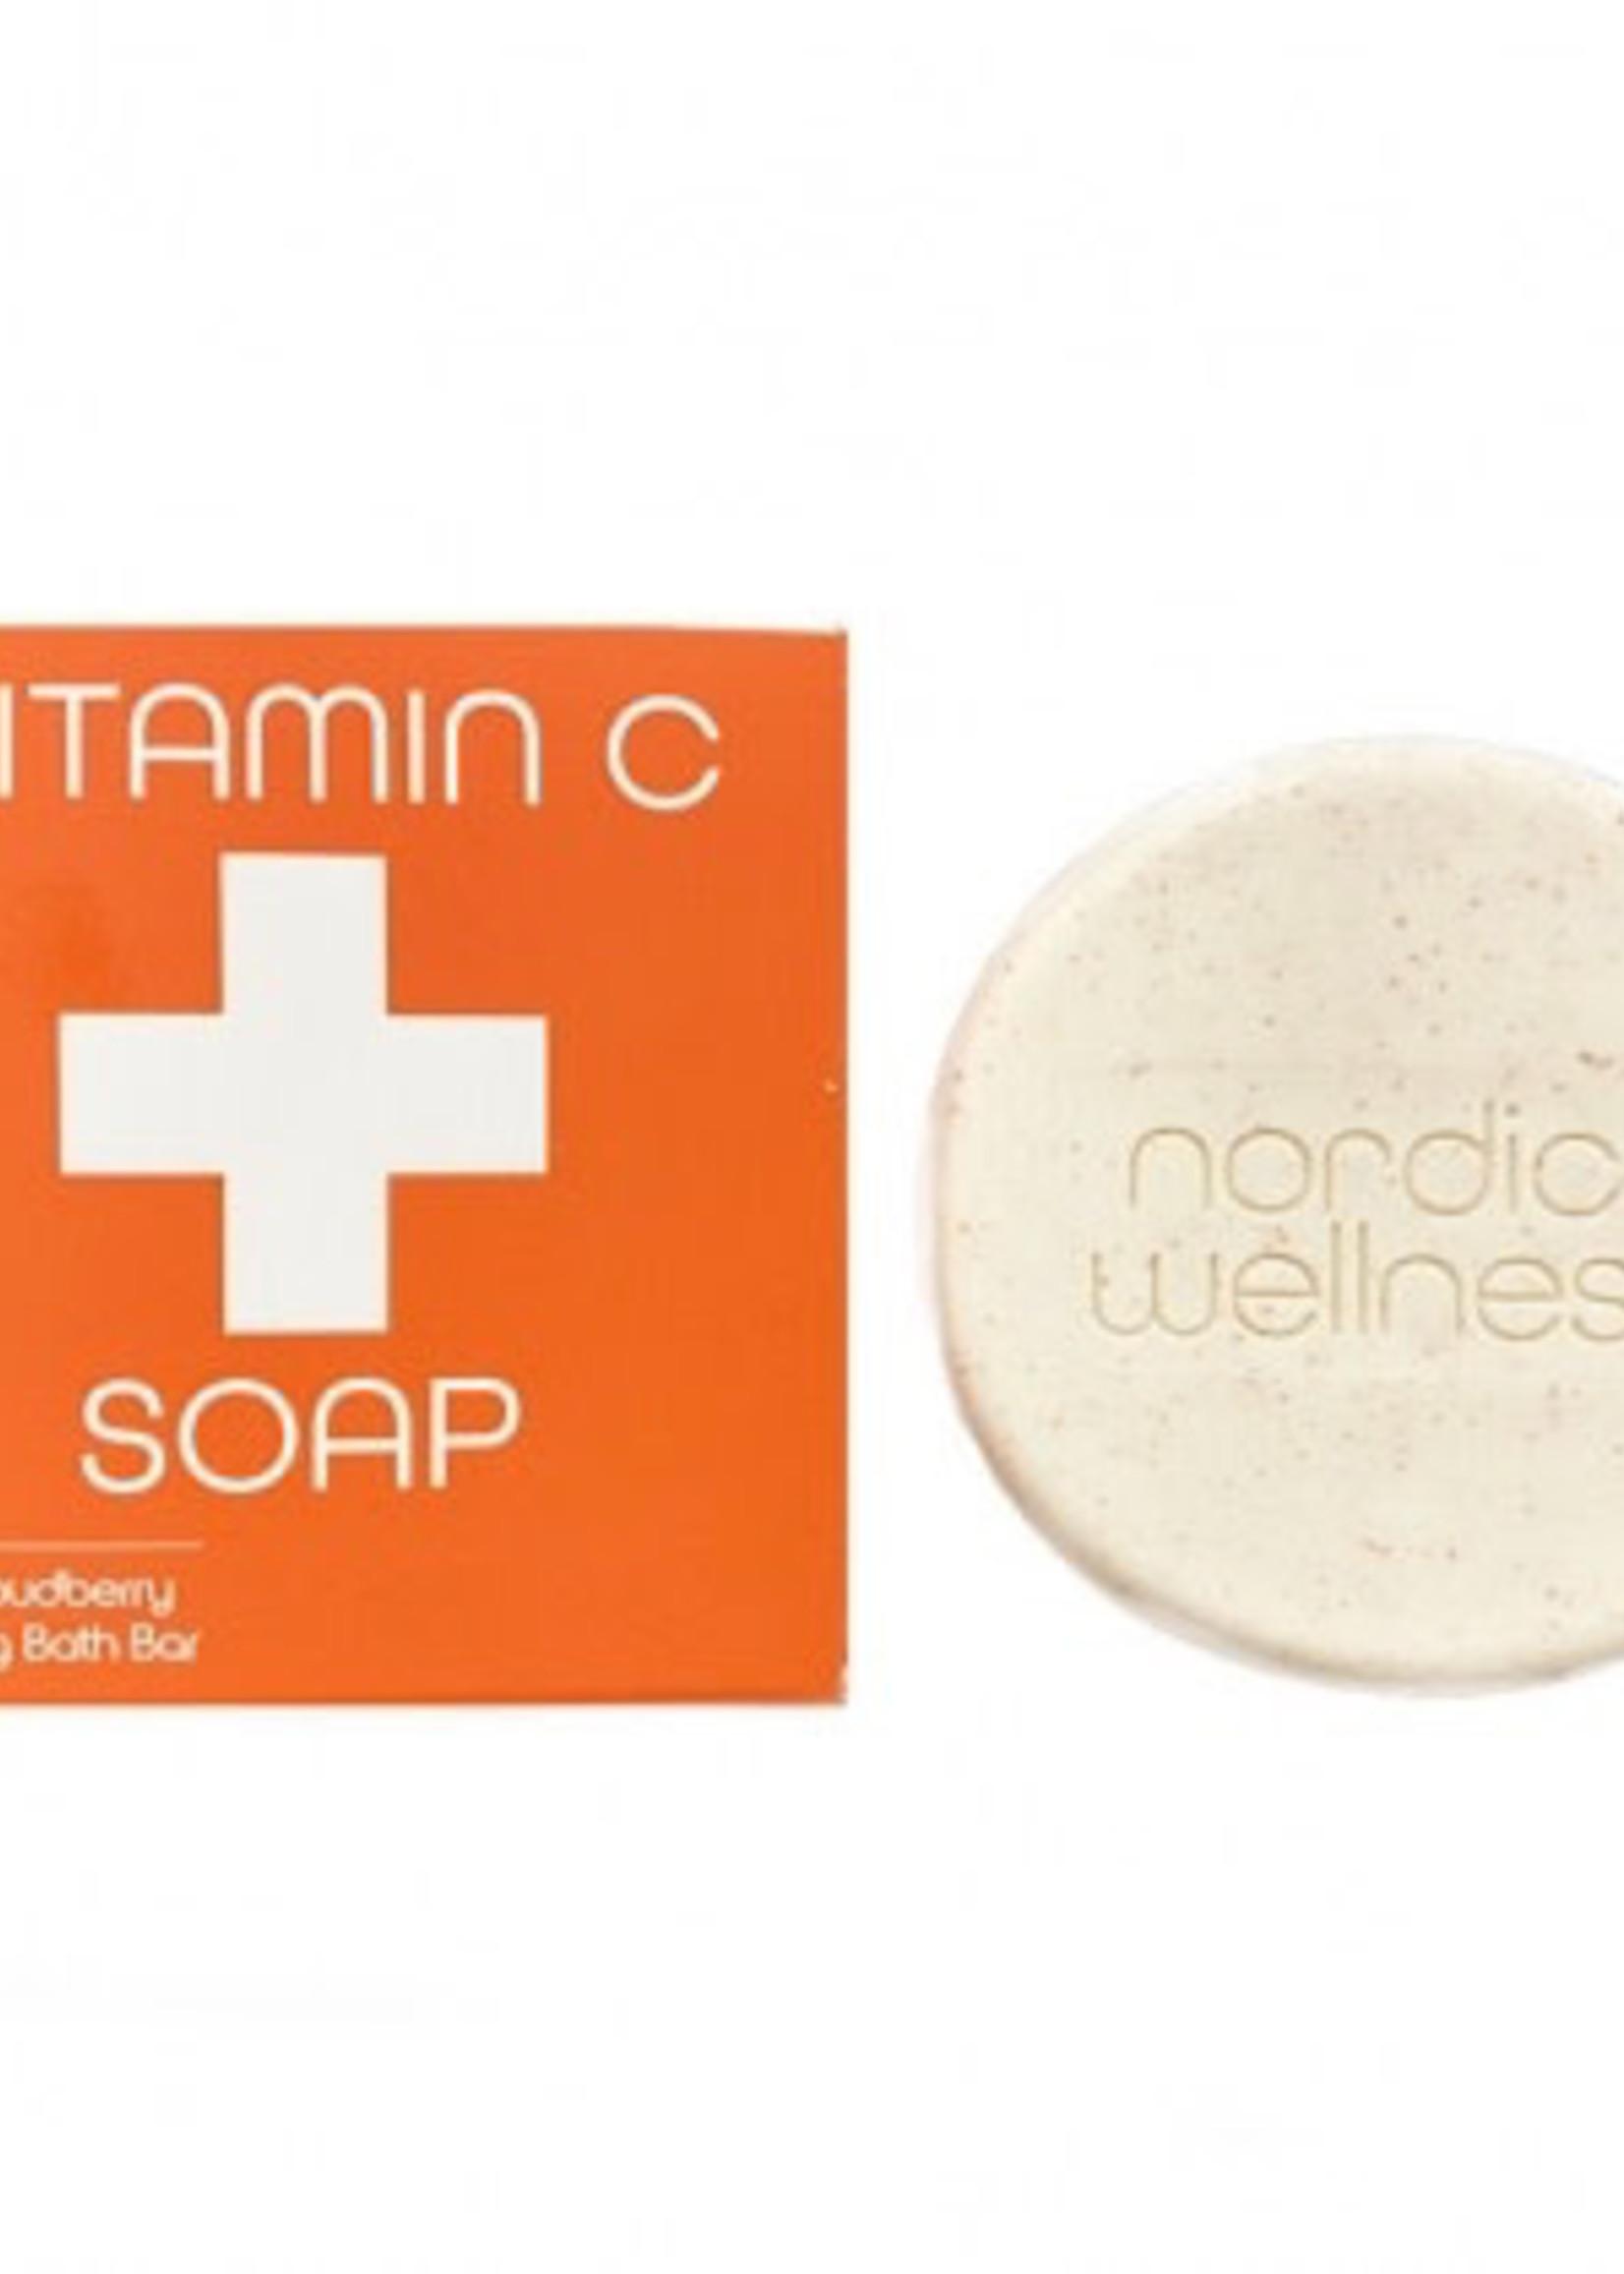 Vitamin C Citrus Soap